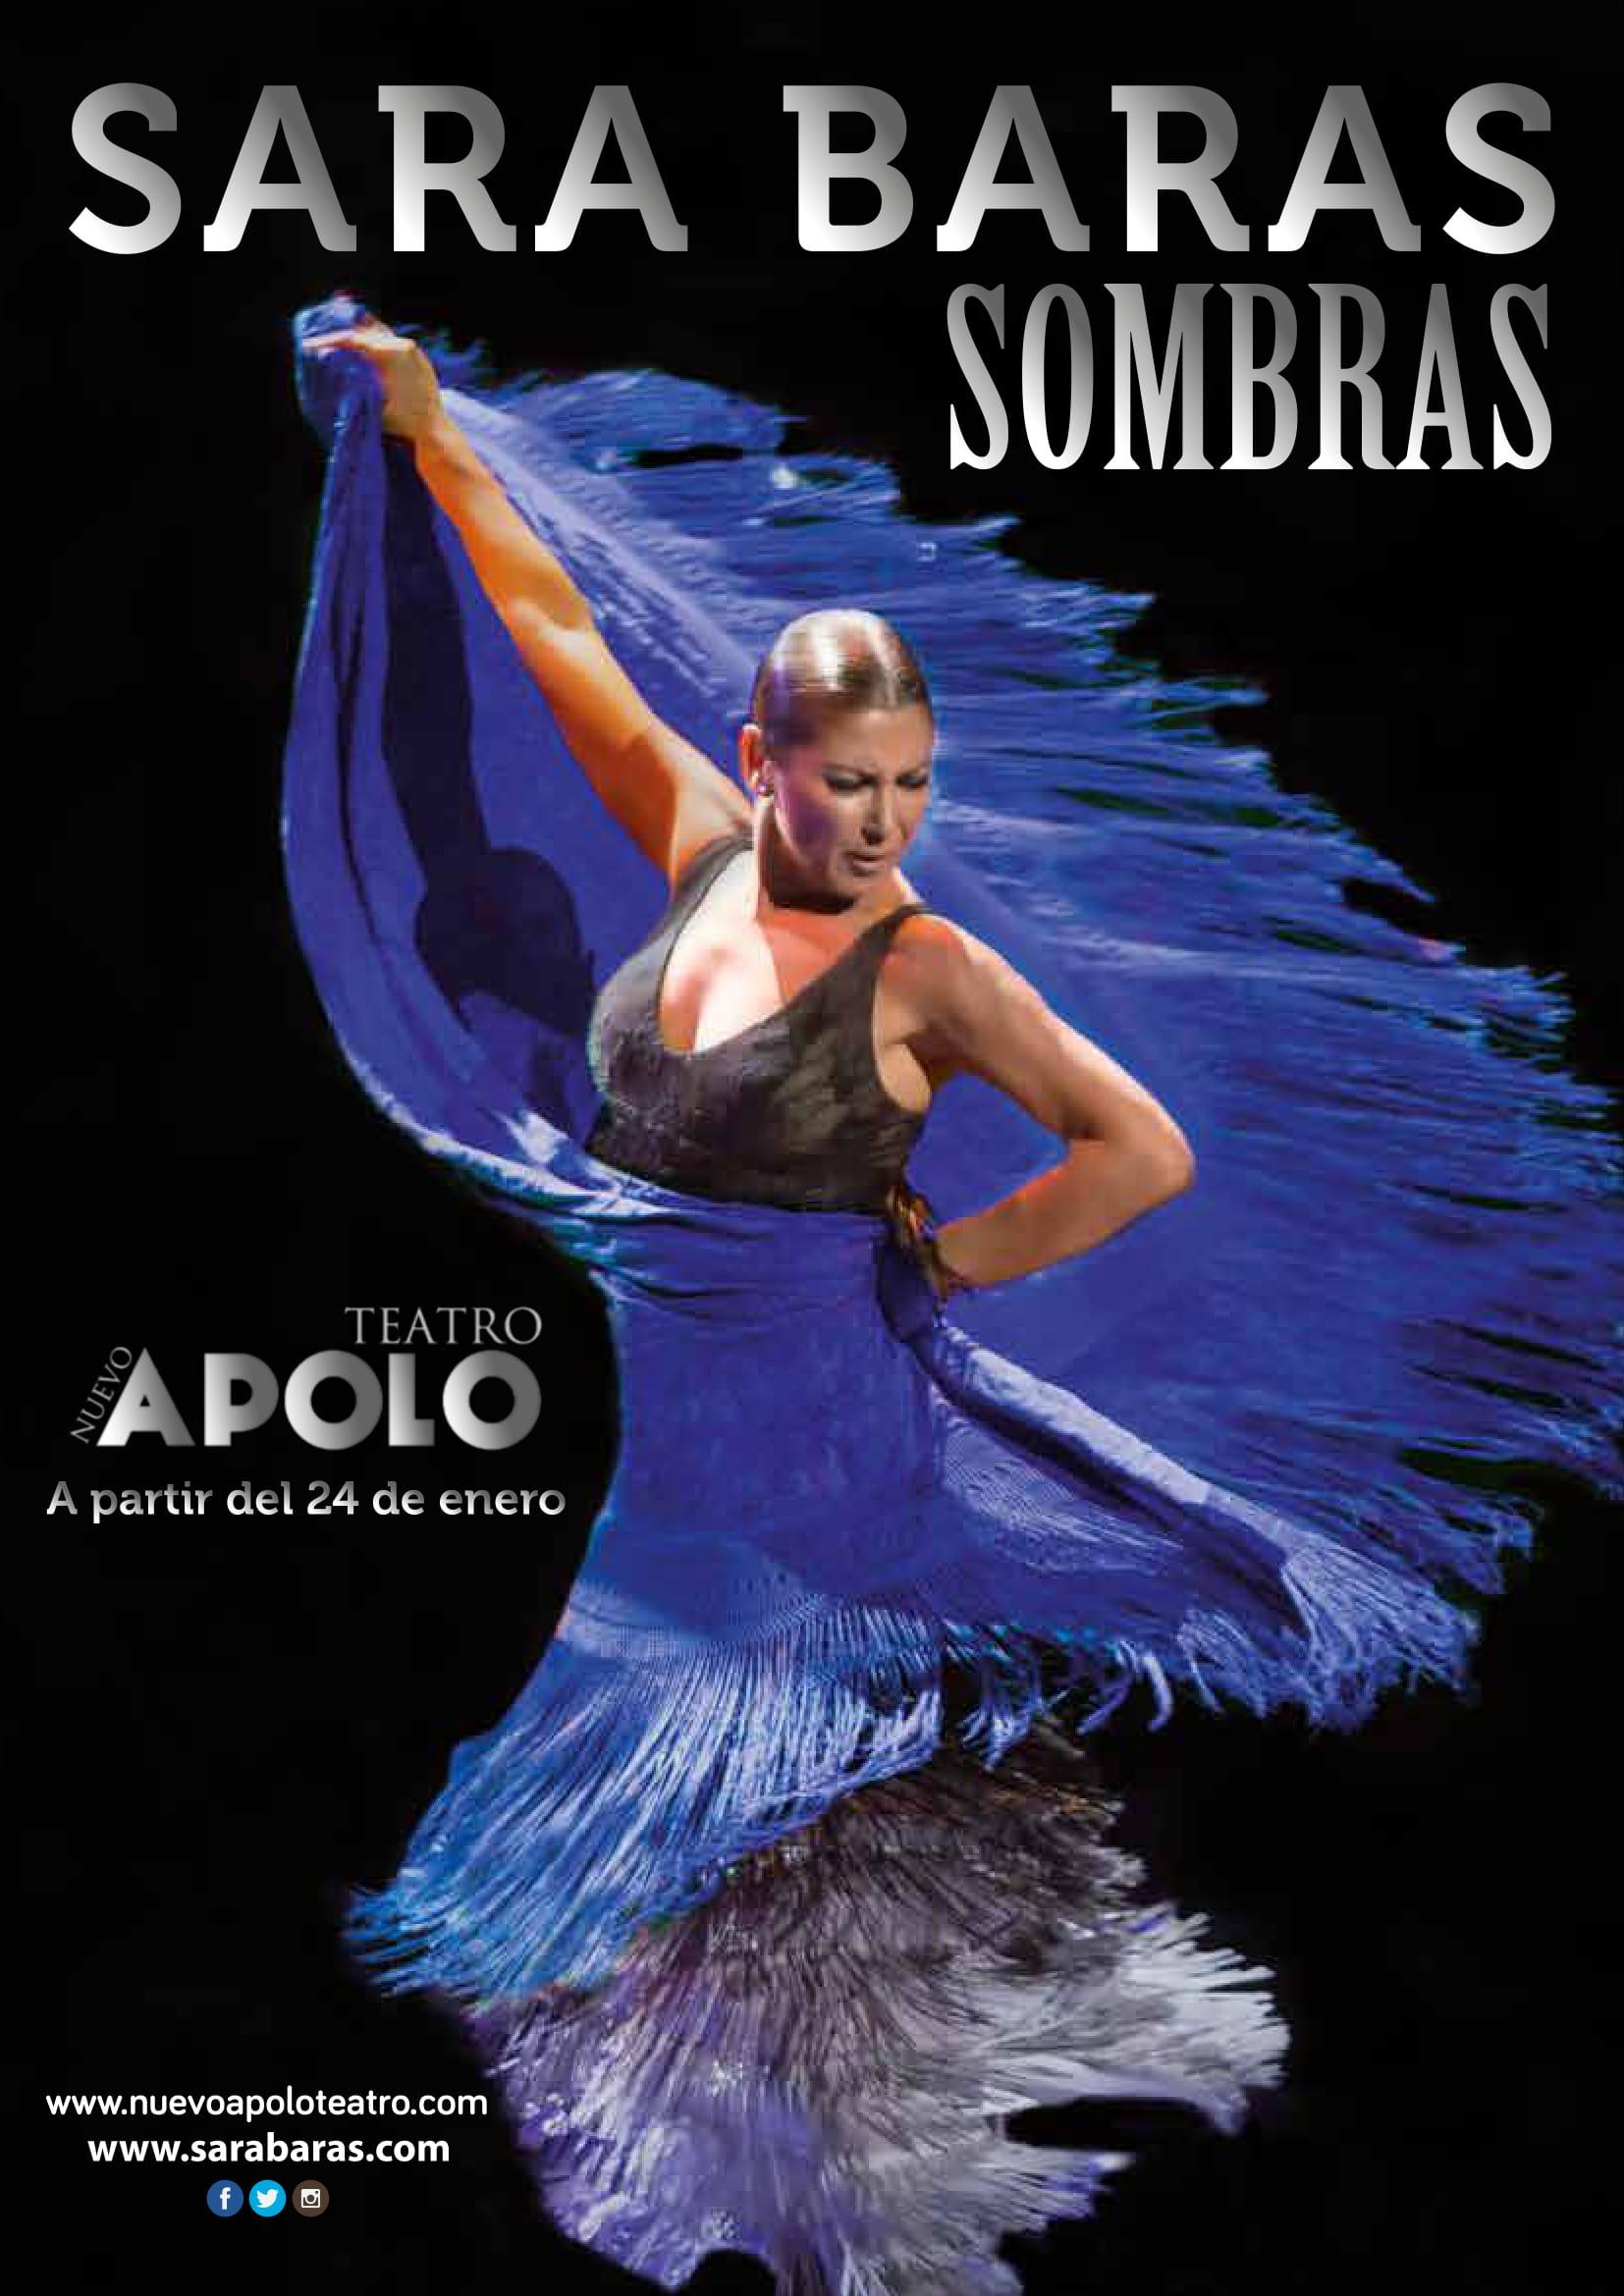 Sara Baras en su espectaculo Sombras en el Teatro Apolo